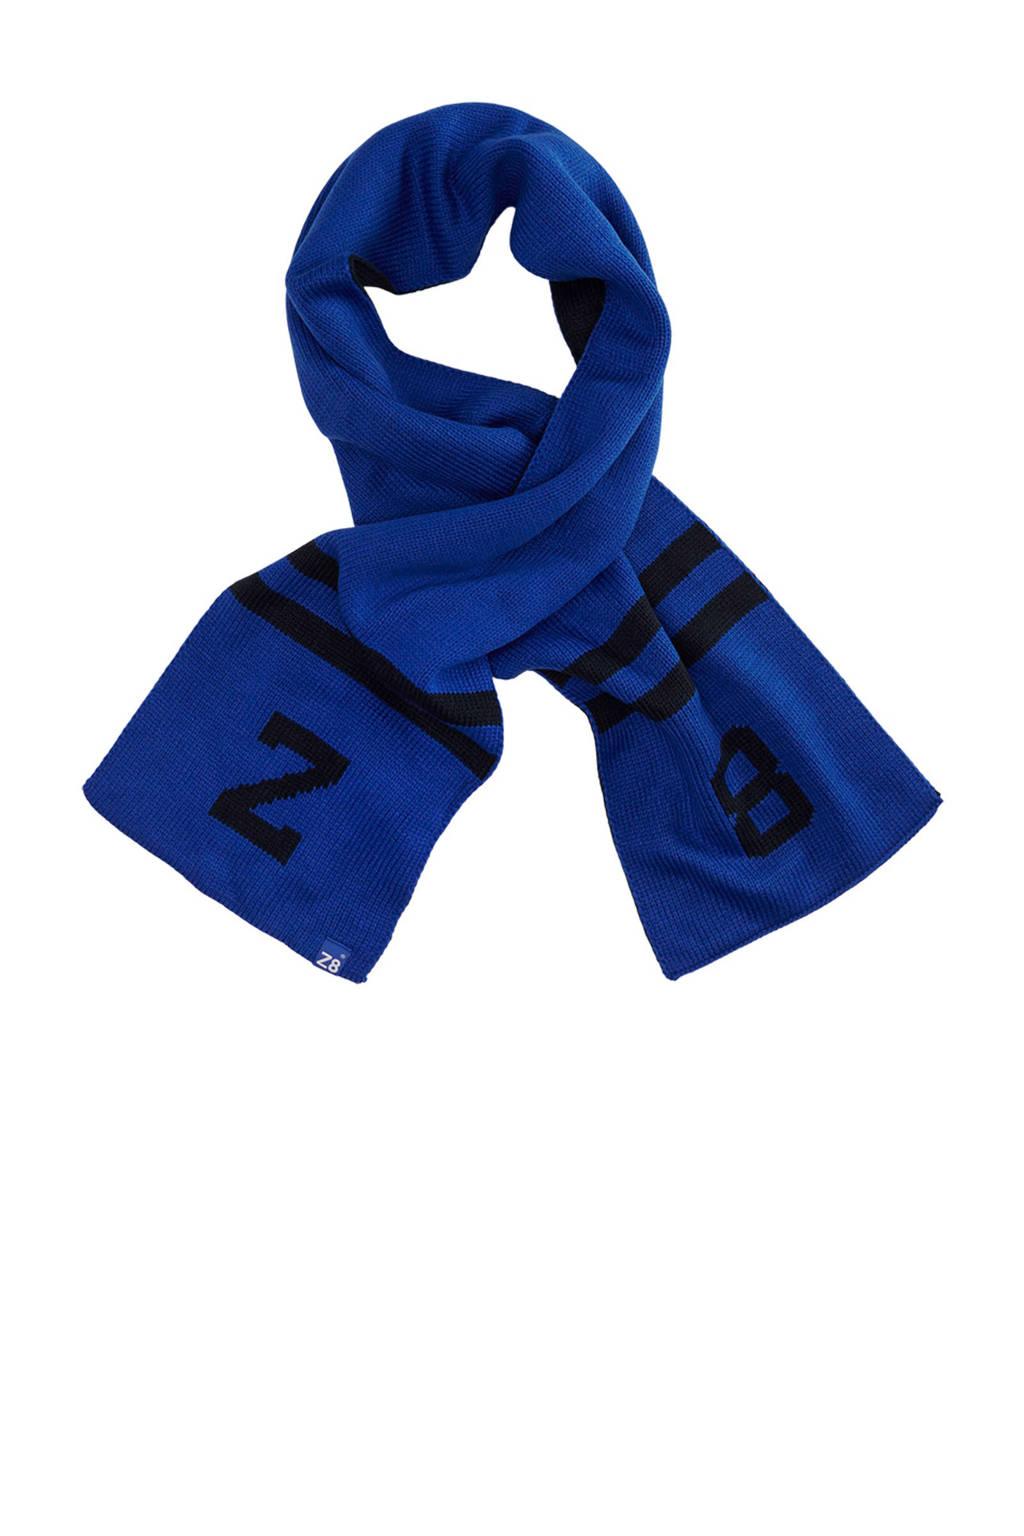 Z8 sjaal Tobias met logo blauw, Blauw